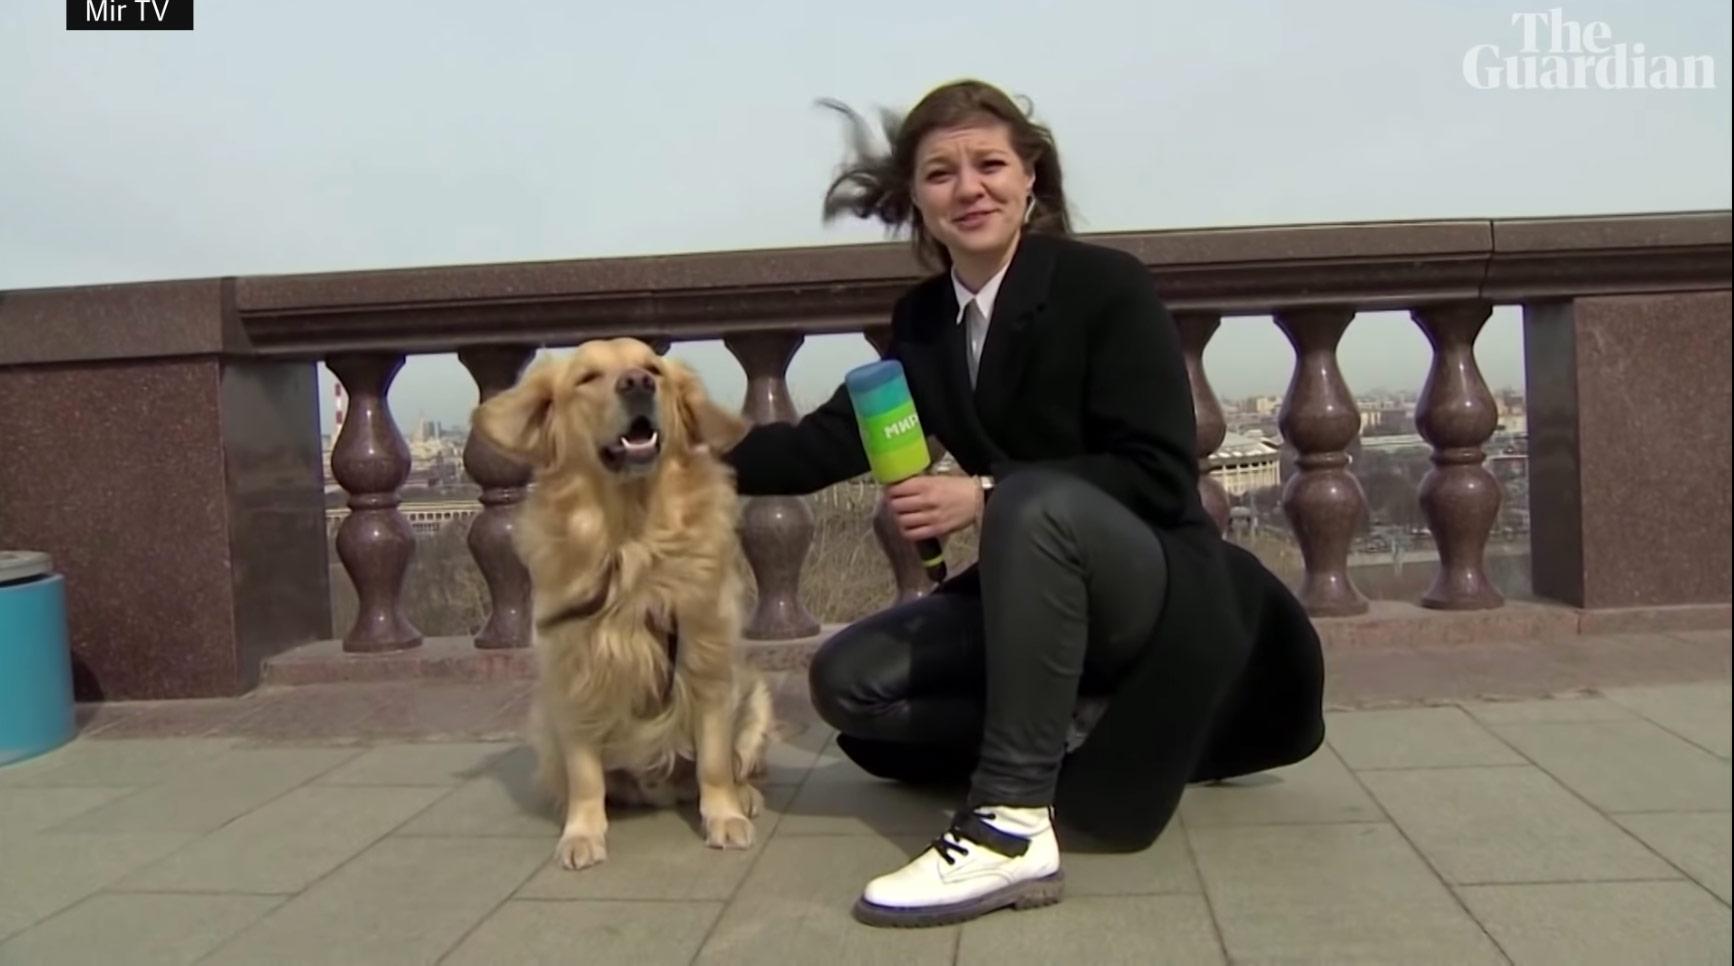 Σκυλάκος «κλέβει» το μικρόφωνο ρεπόρτερ σε live μετάδοση! Video